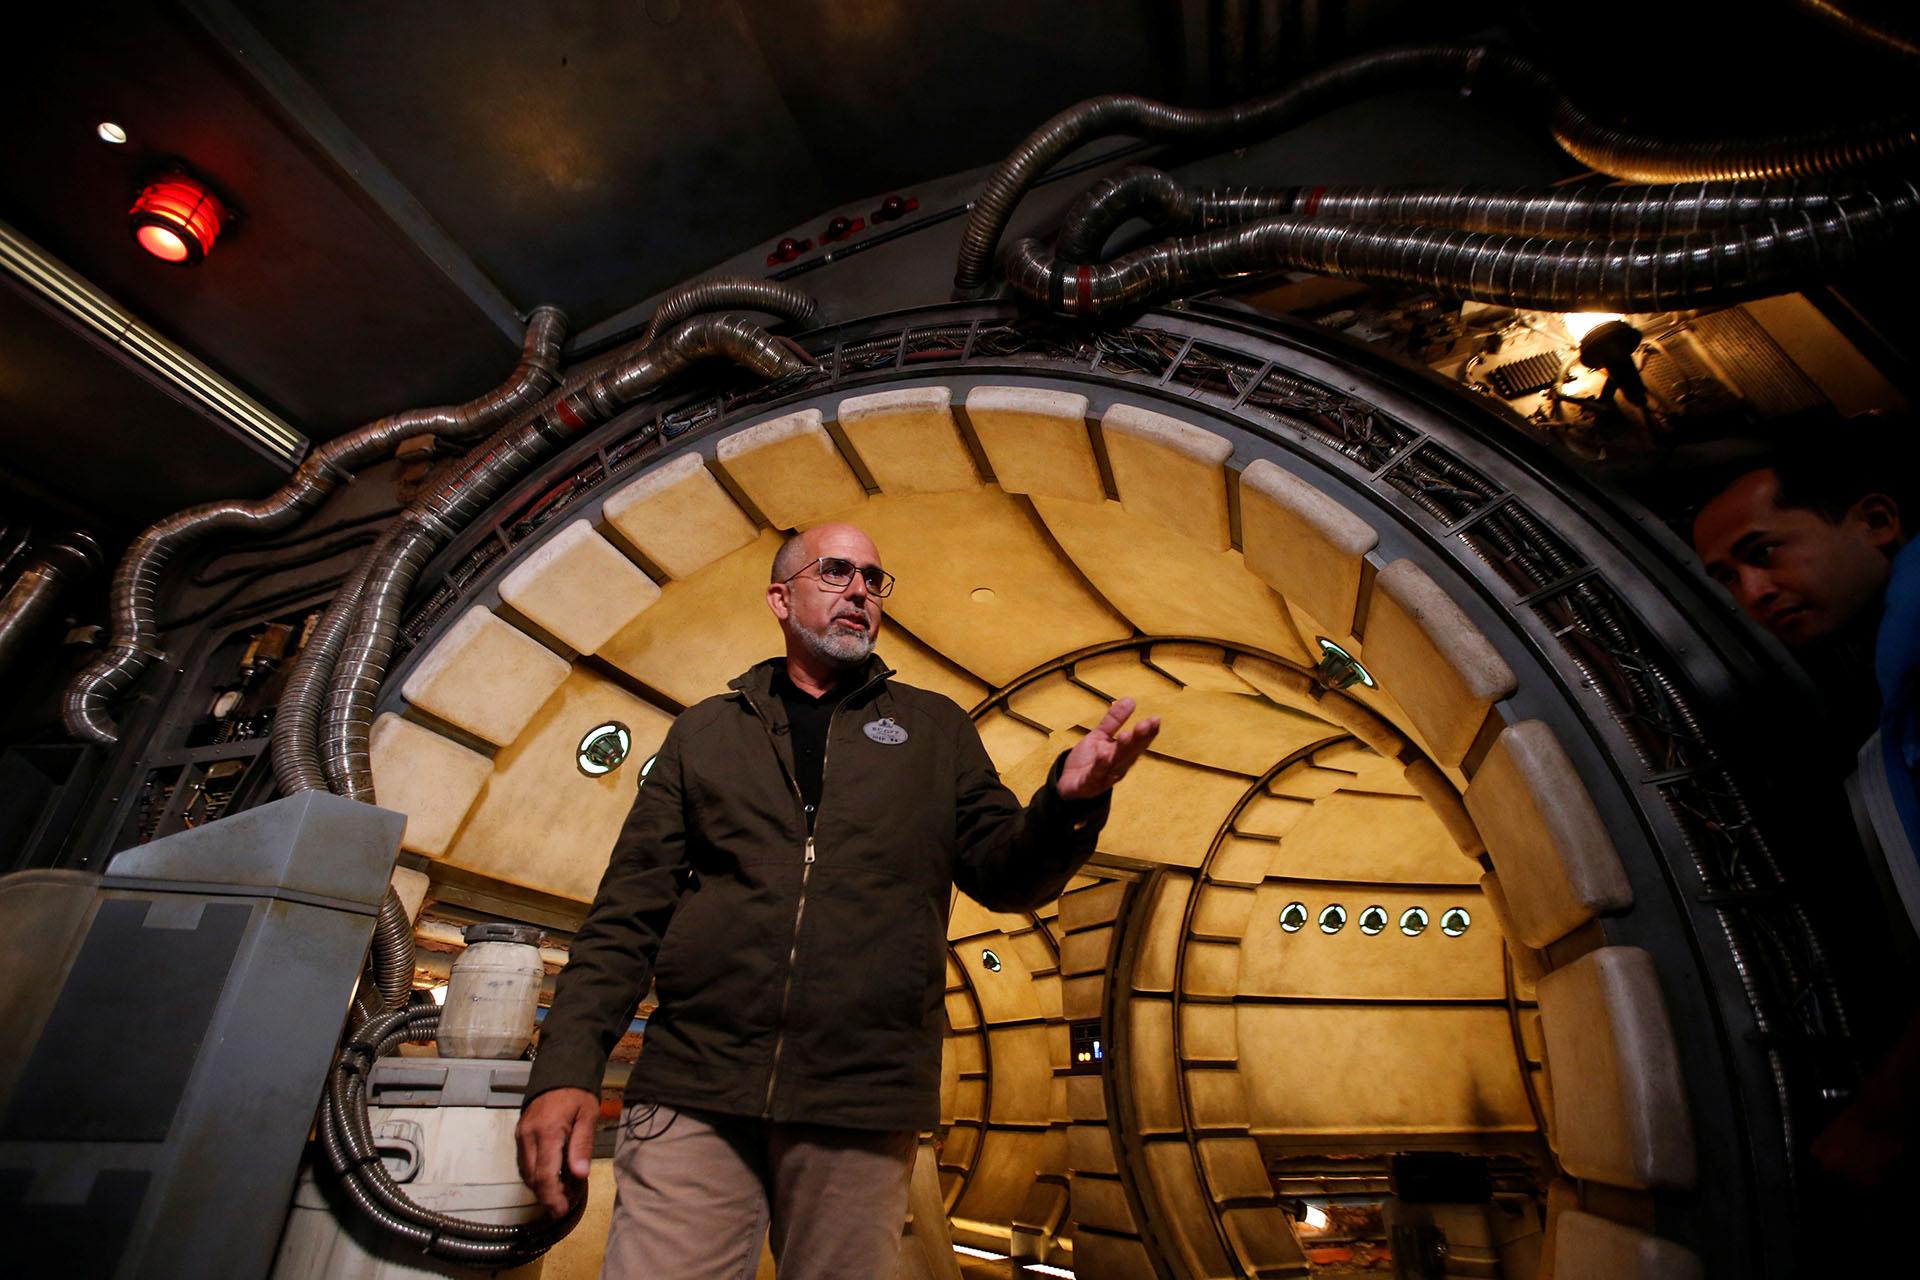 Scott Mallwitz, Director Creativo Ejecutivo de Walt Disney Imagineering, camina por la cubierta del Halcón Milenario